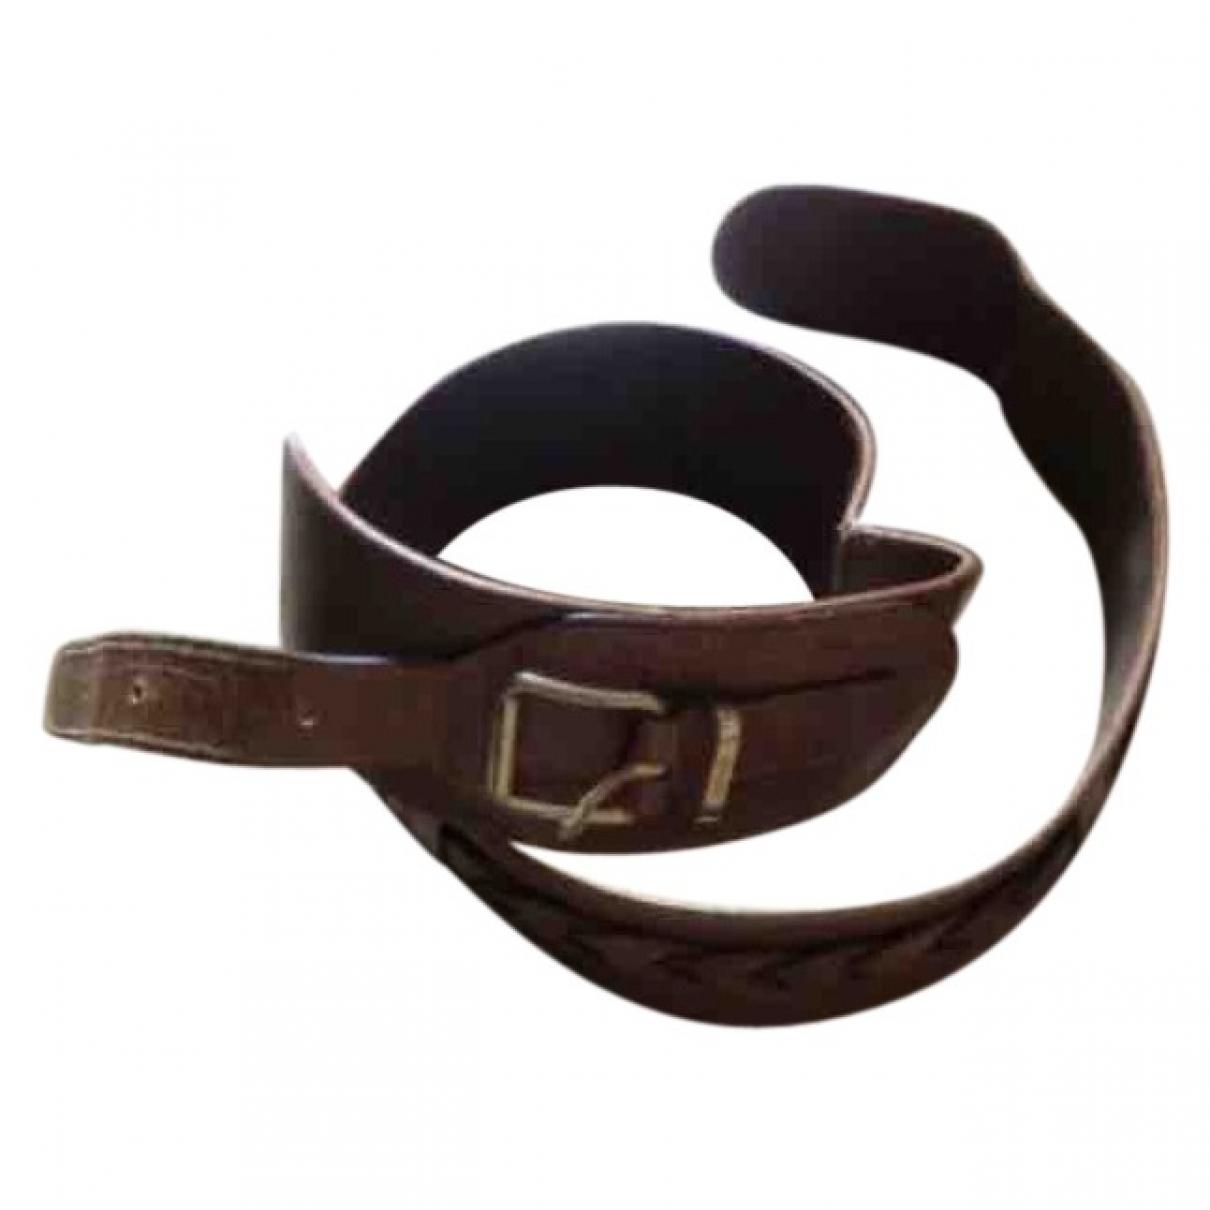 Cinturon de Cuero Fendi